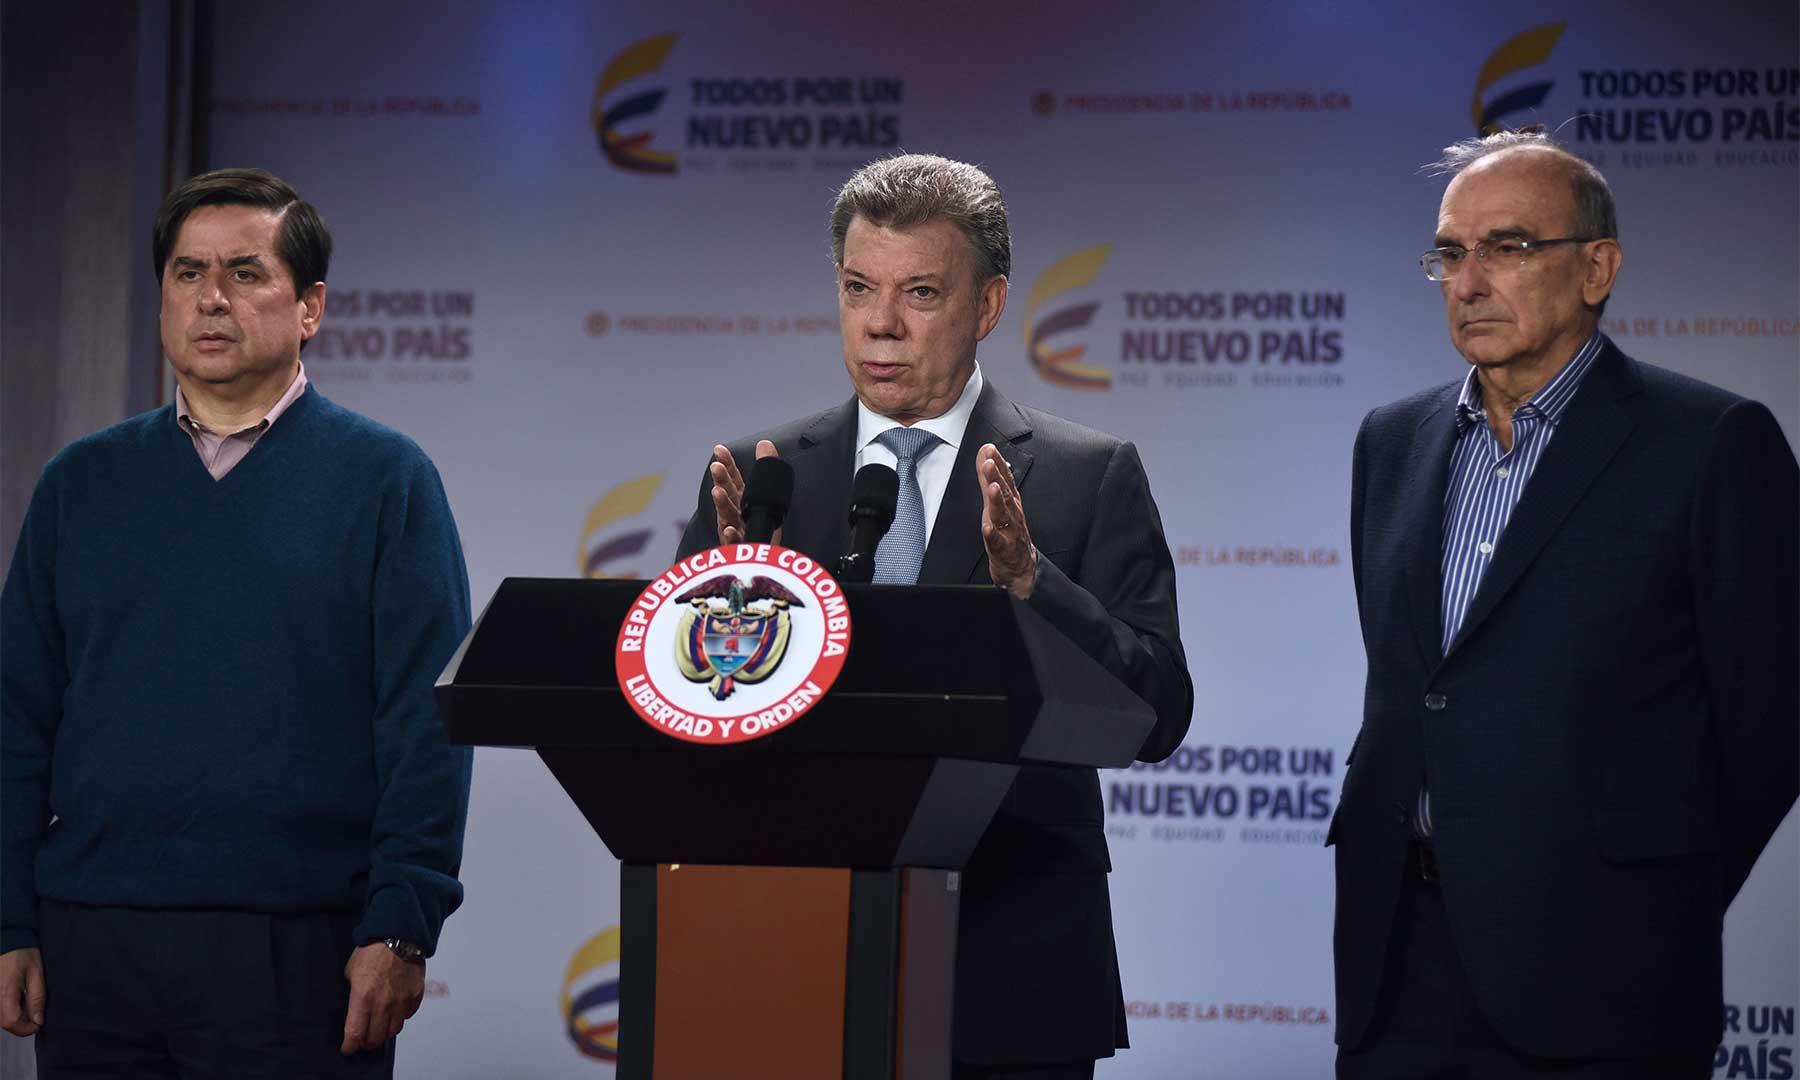 El Gobierno llevará la próxima semana el nuevo acuerdo con las FARC al Congreso, anunció el Presidente tras reunirse con el Jefe del Equipo Negociador y el Ministro del Interior, para analizar las últimas gestiones con voceros del No.